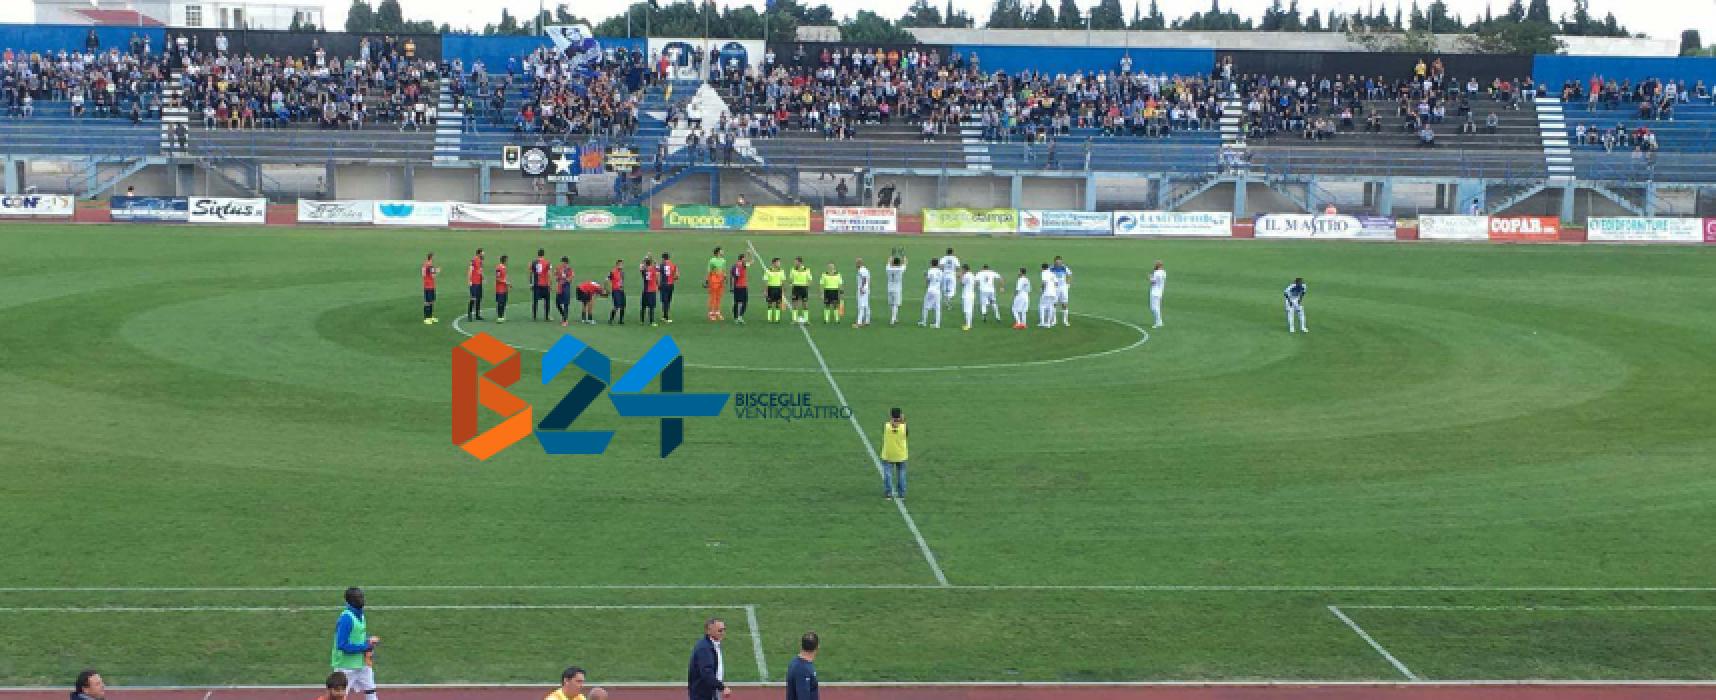 Al Bisceglie basta un gol di Agodirin, contro la Gelbison è 1-0